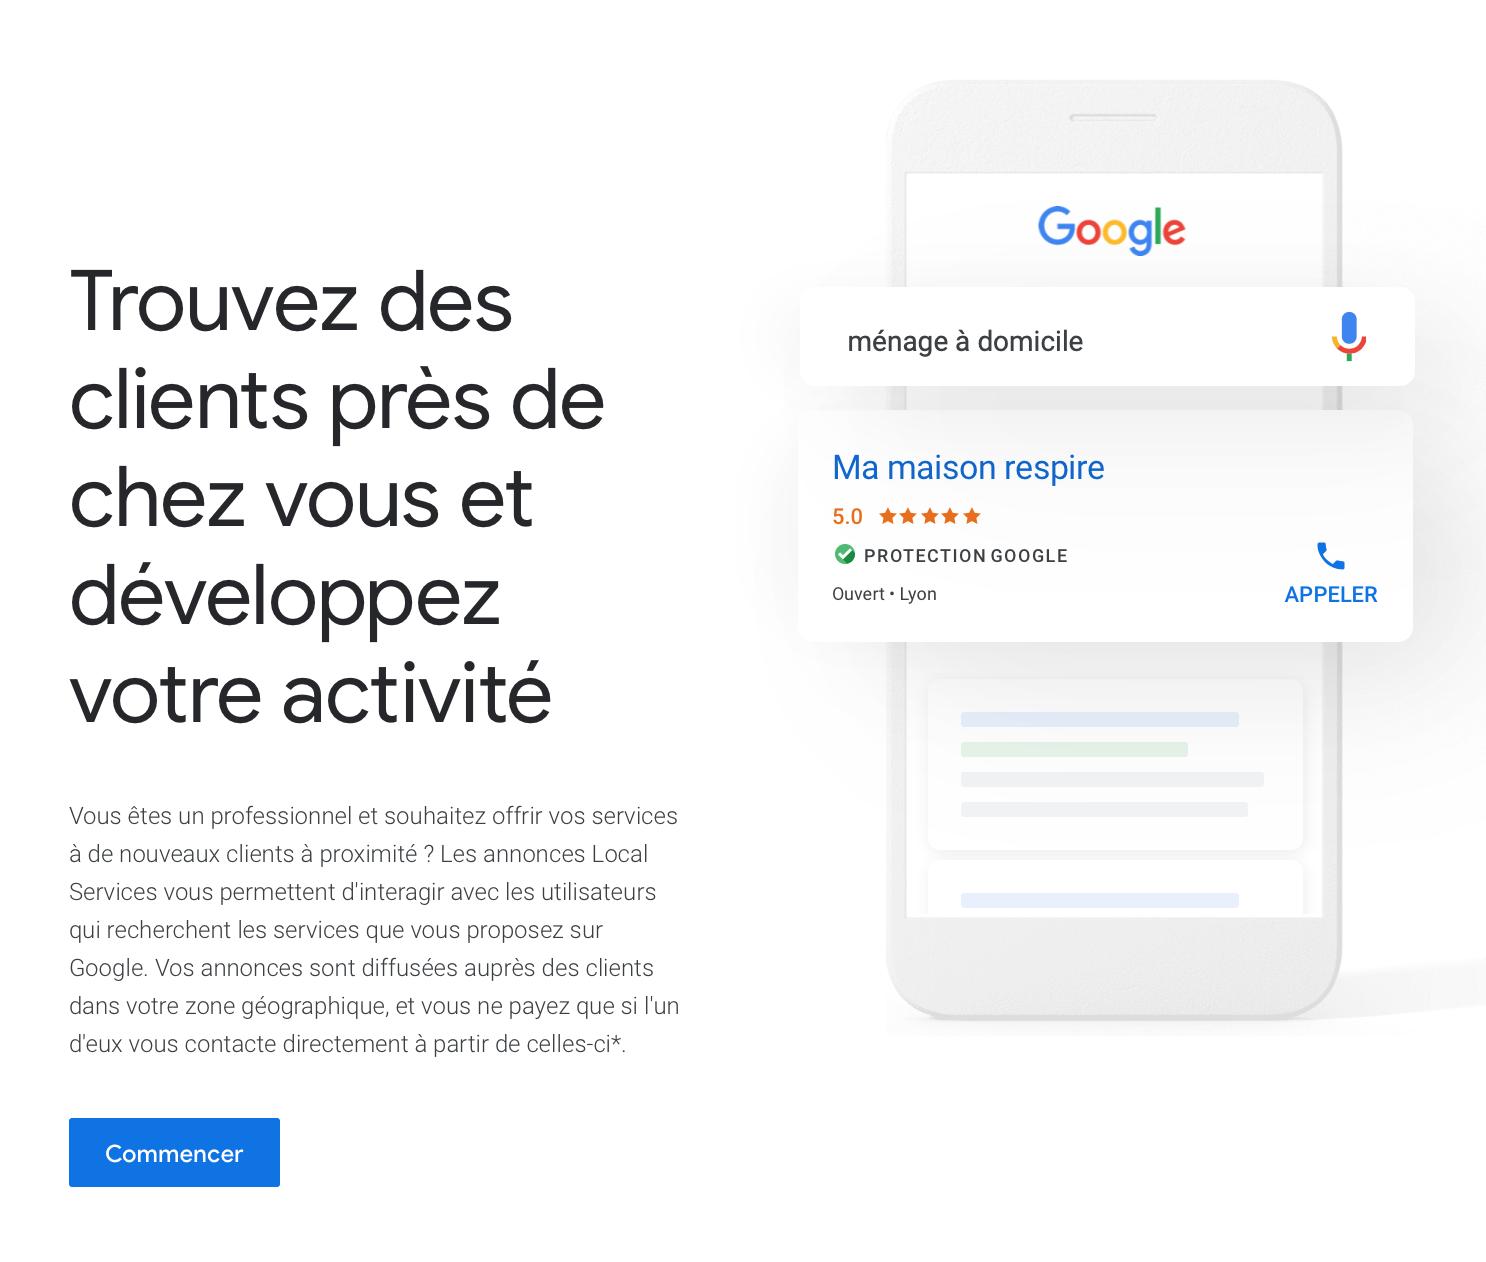 Annonces Local Services de Google